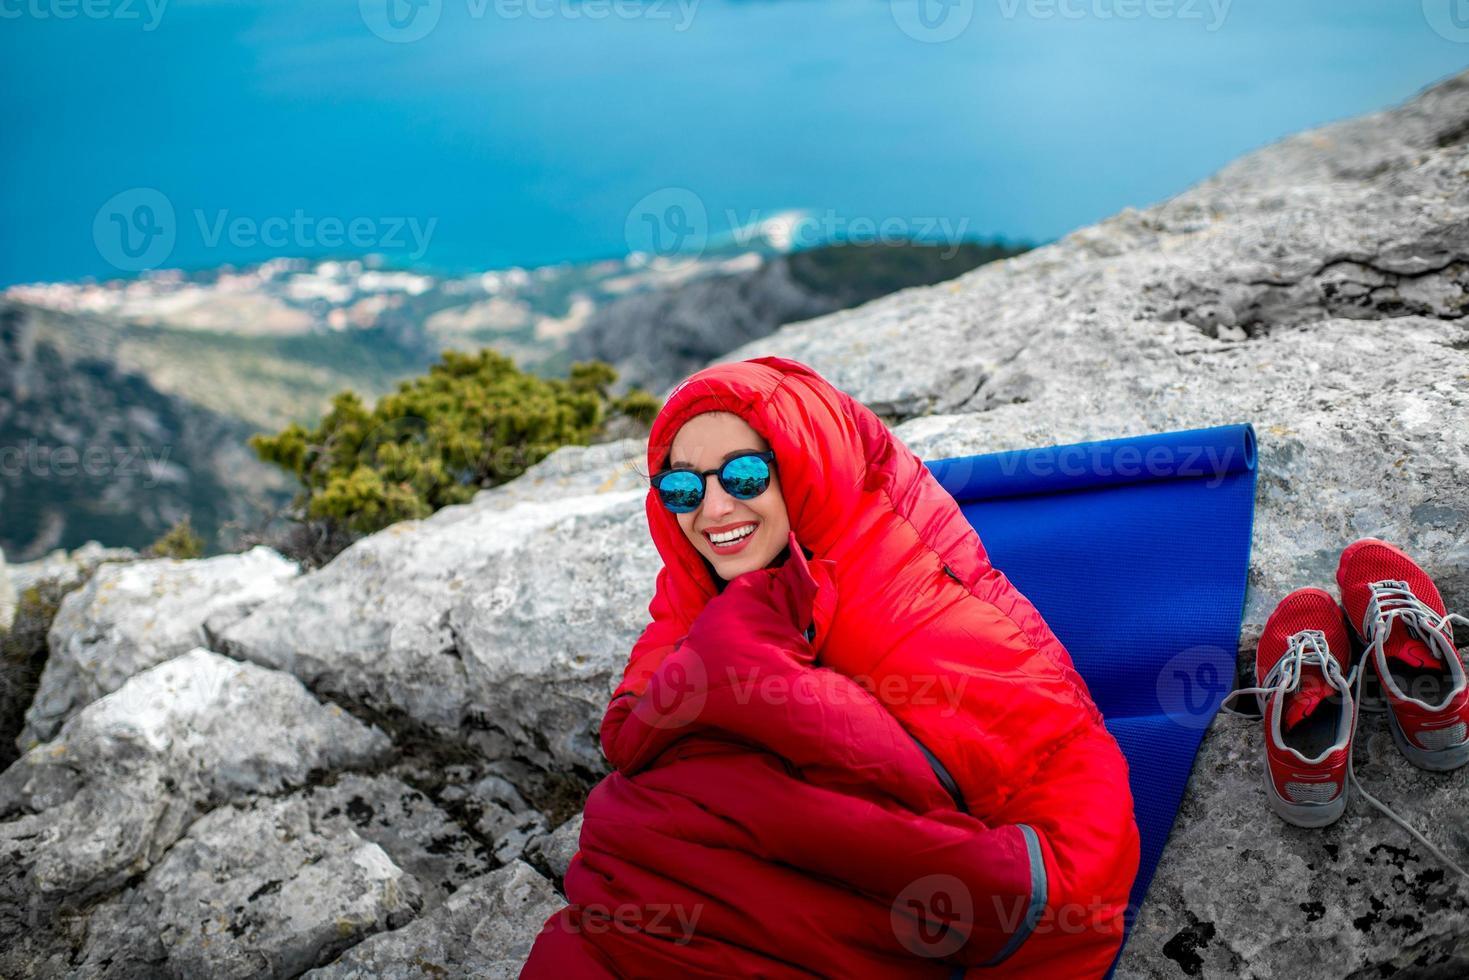 donna in sacco a pelo sulla montagna foto